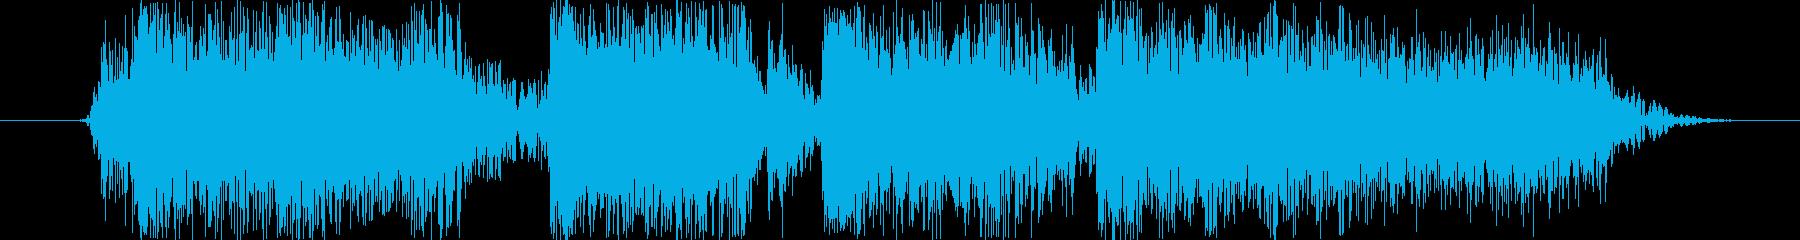 ロックバンドショートジングル004の再生済みの波形